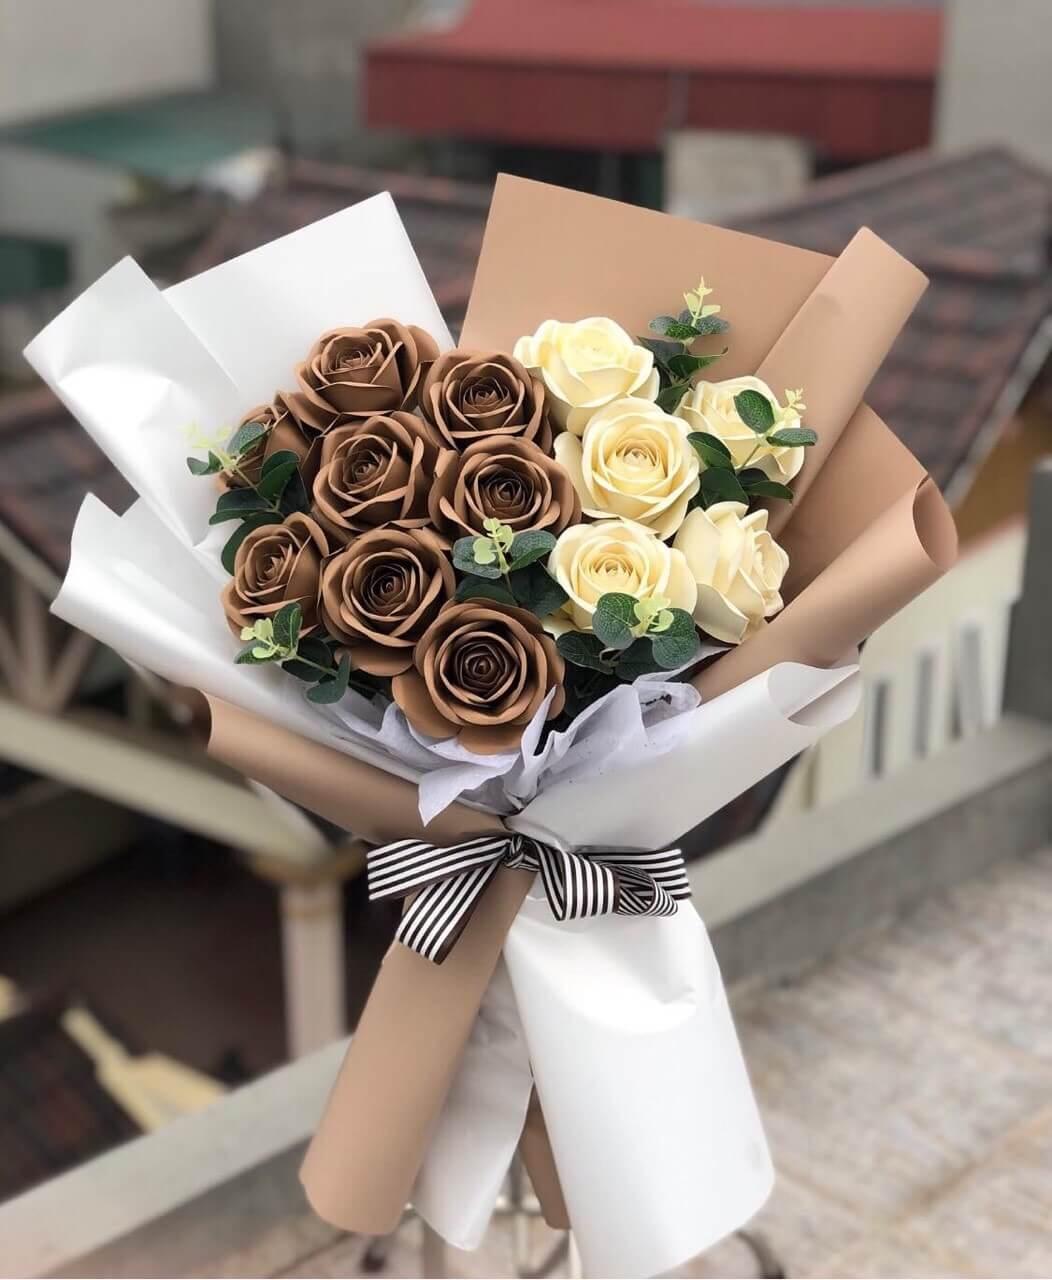 Bó hoa hồng 13 bông 2 màu